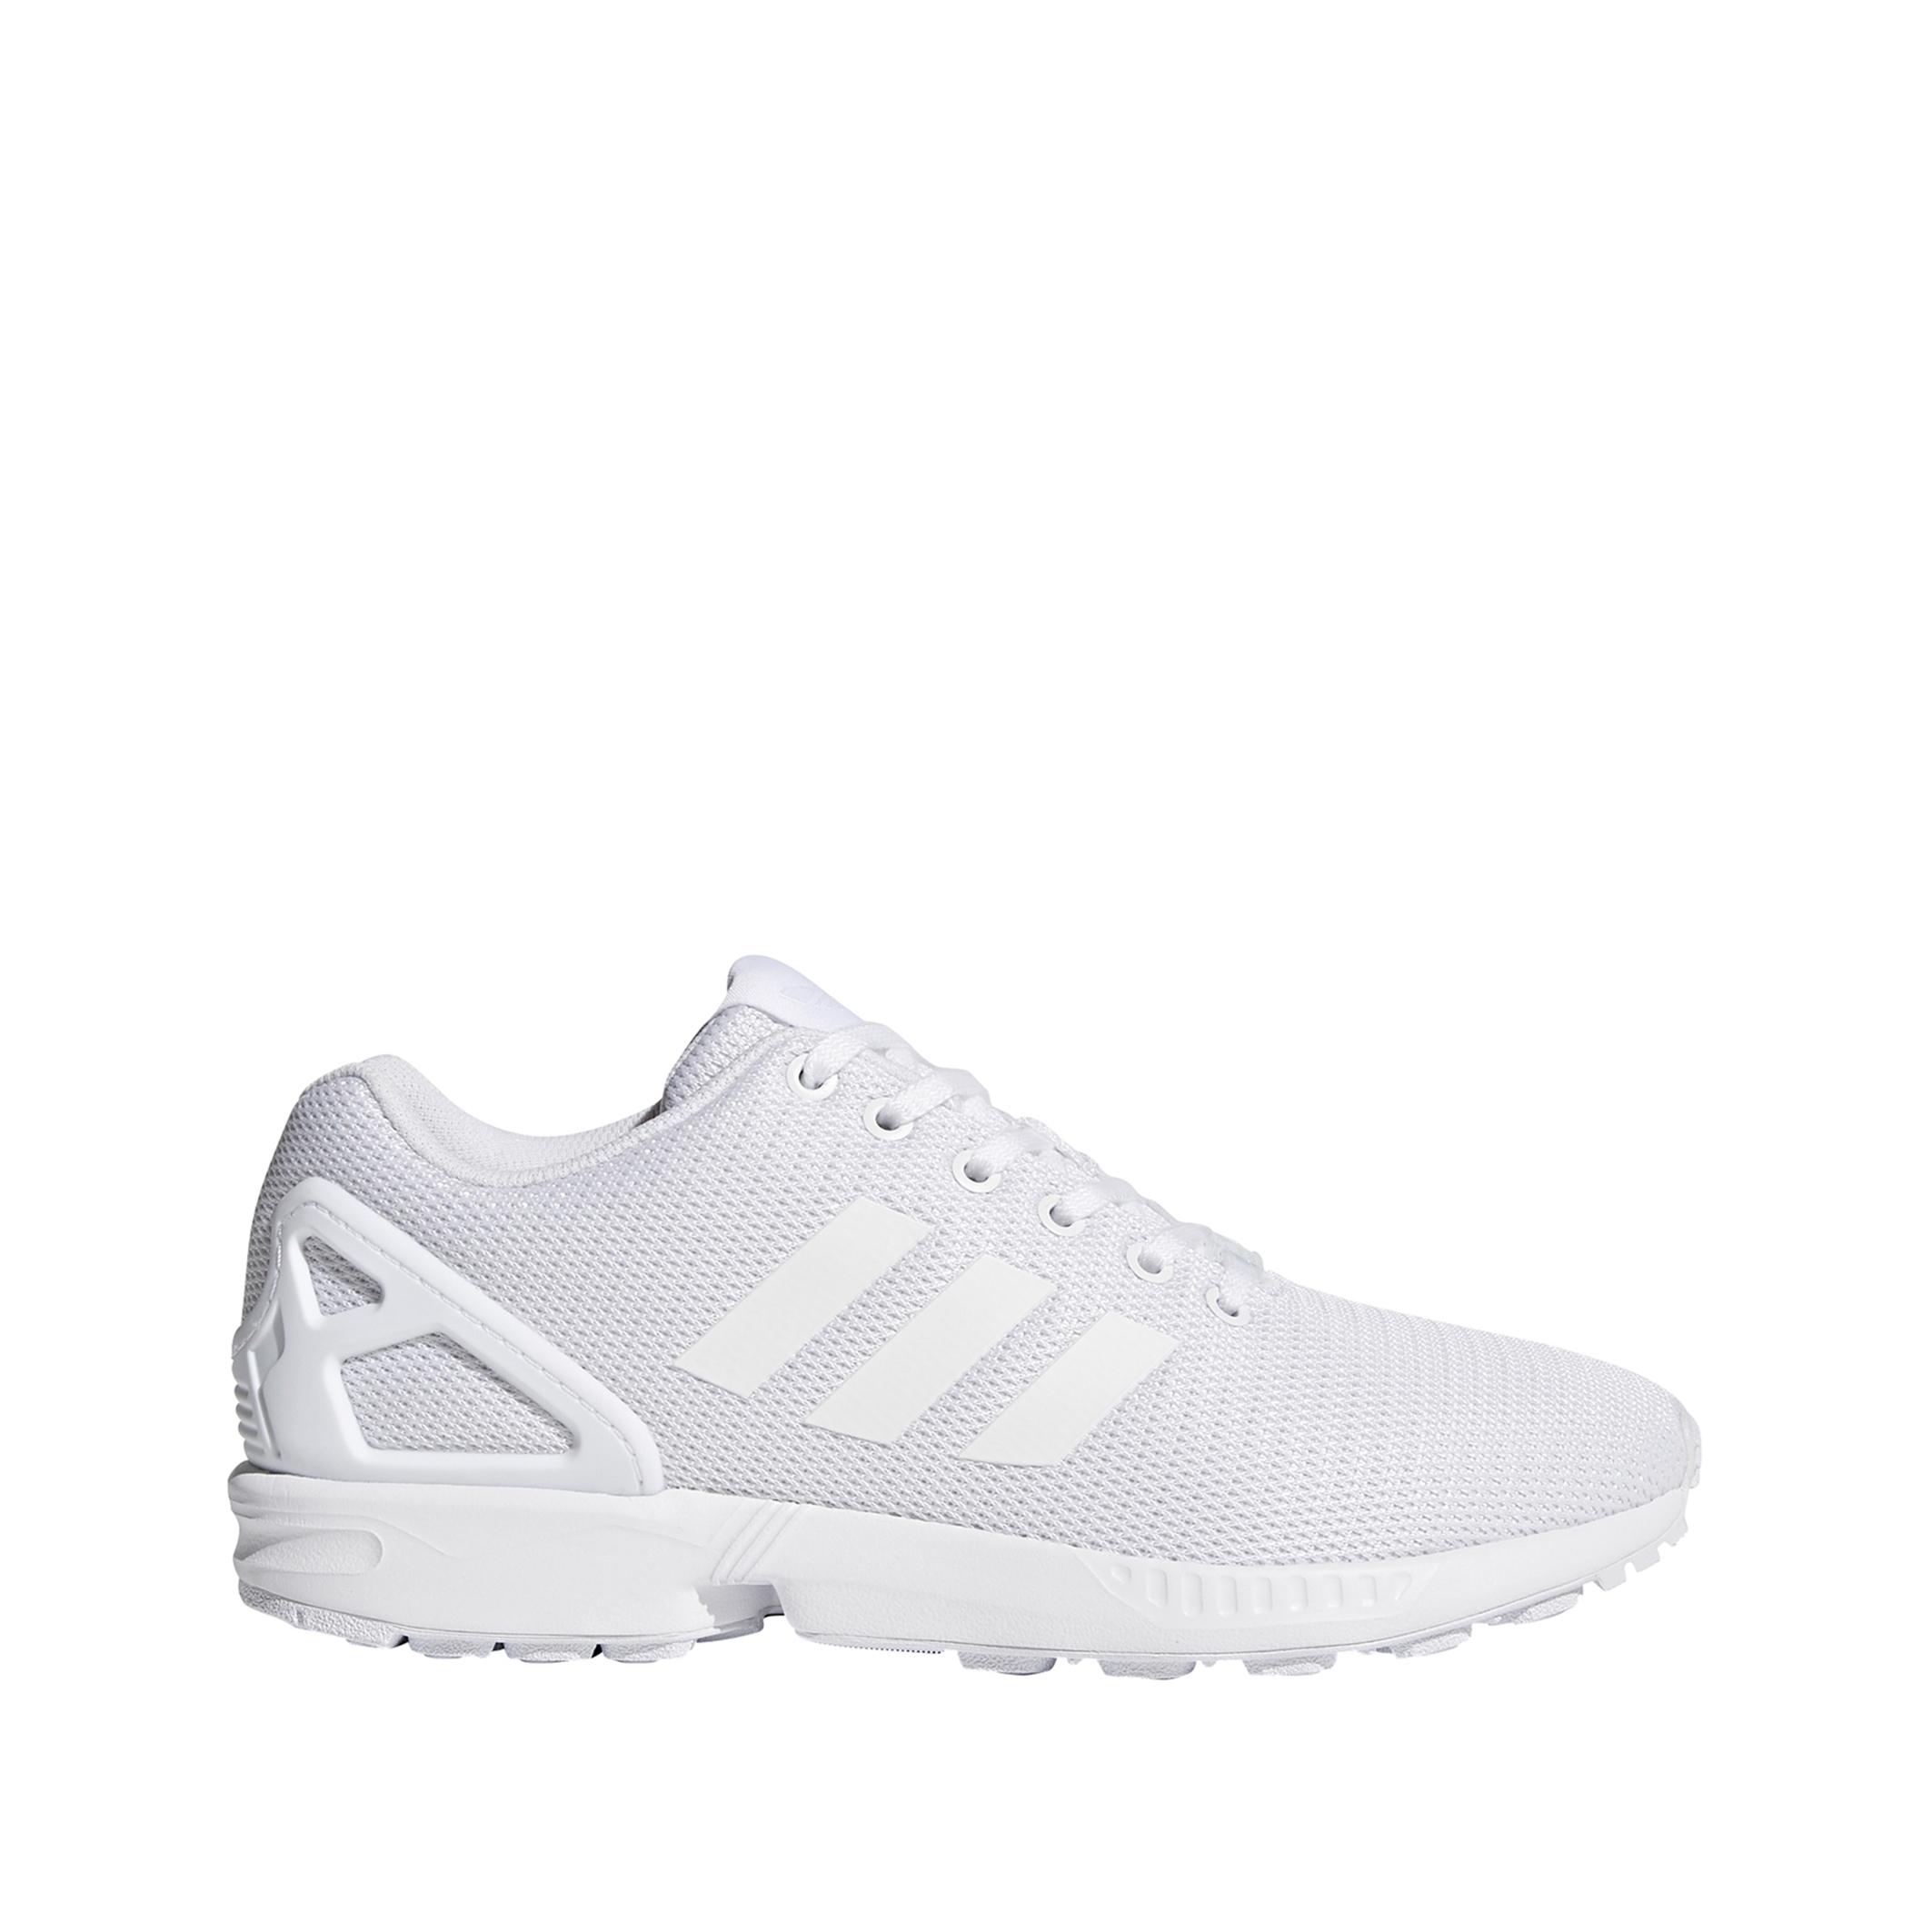 Adidas Originals ZX Flux Junior alleen bij JD Force White Kind online kopen